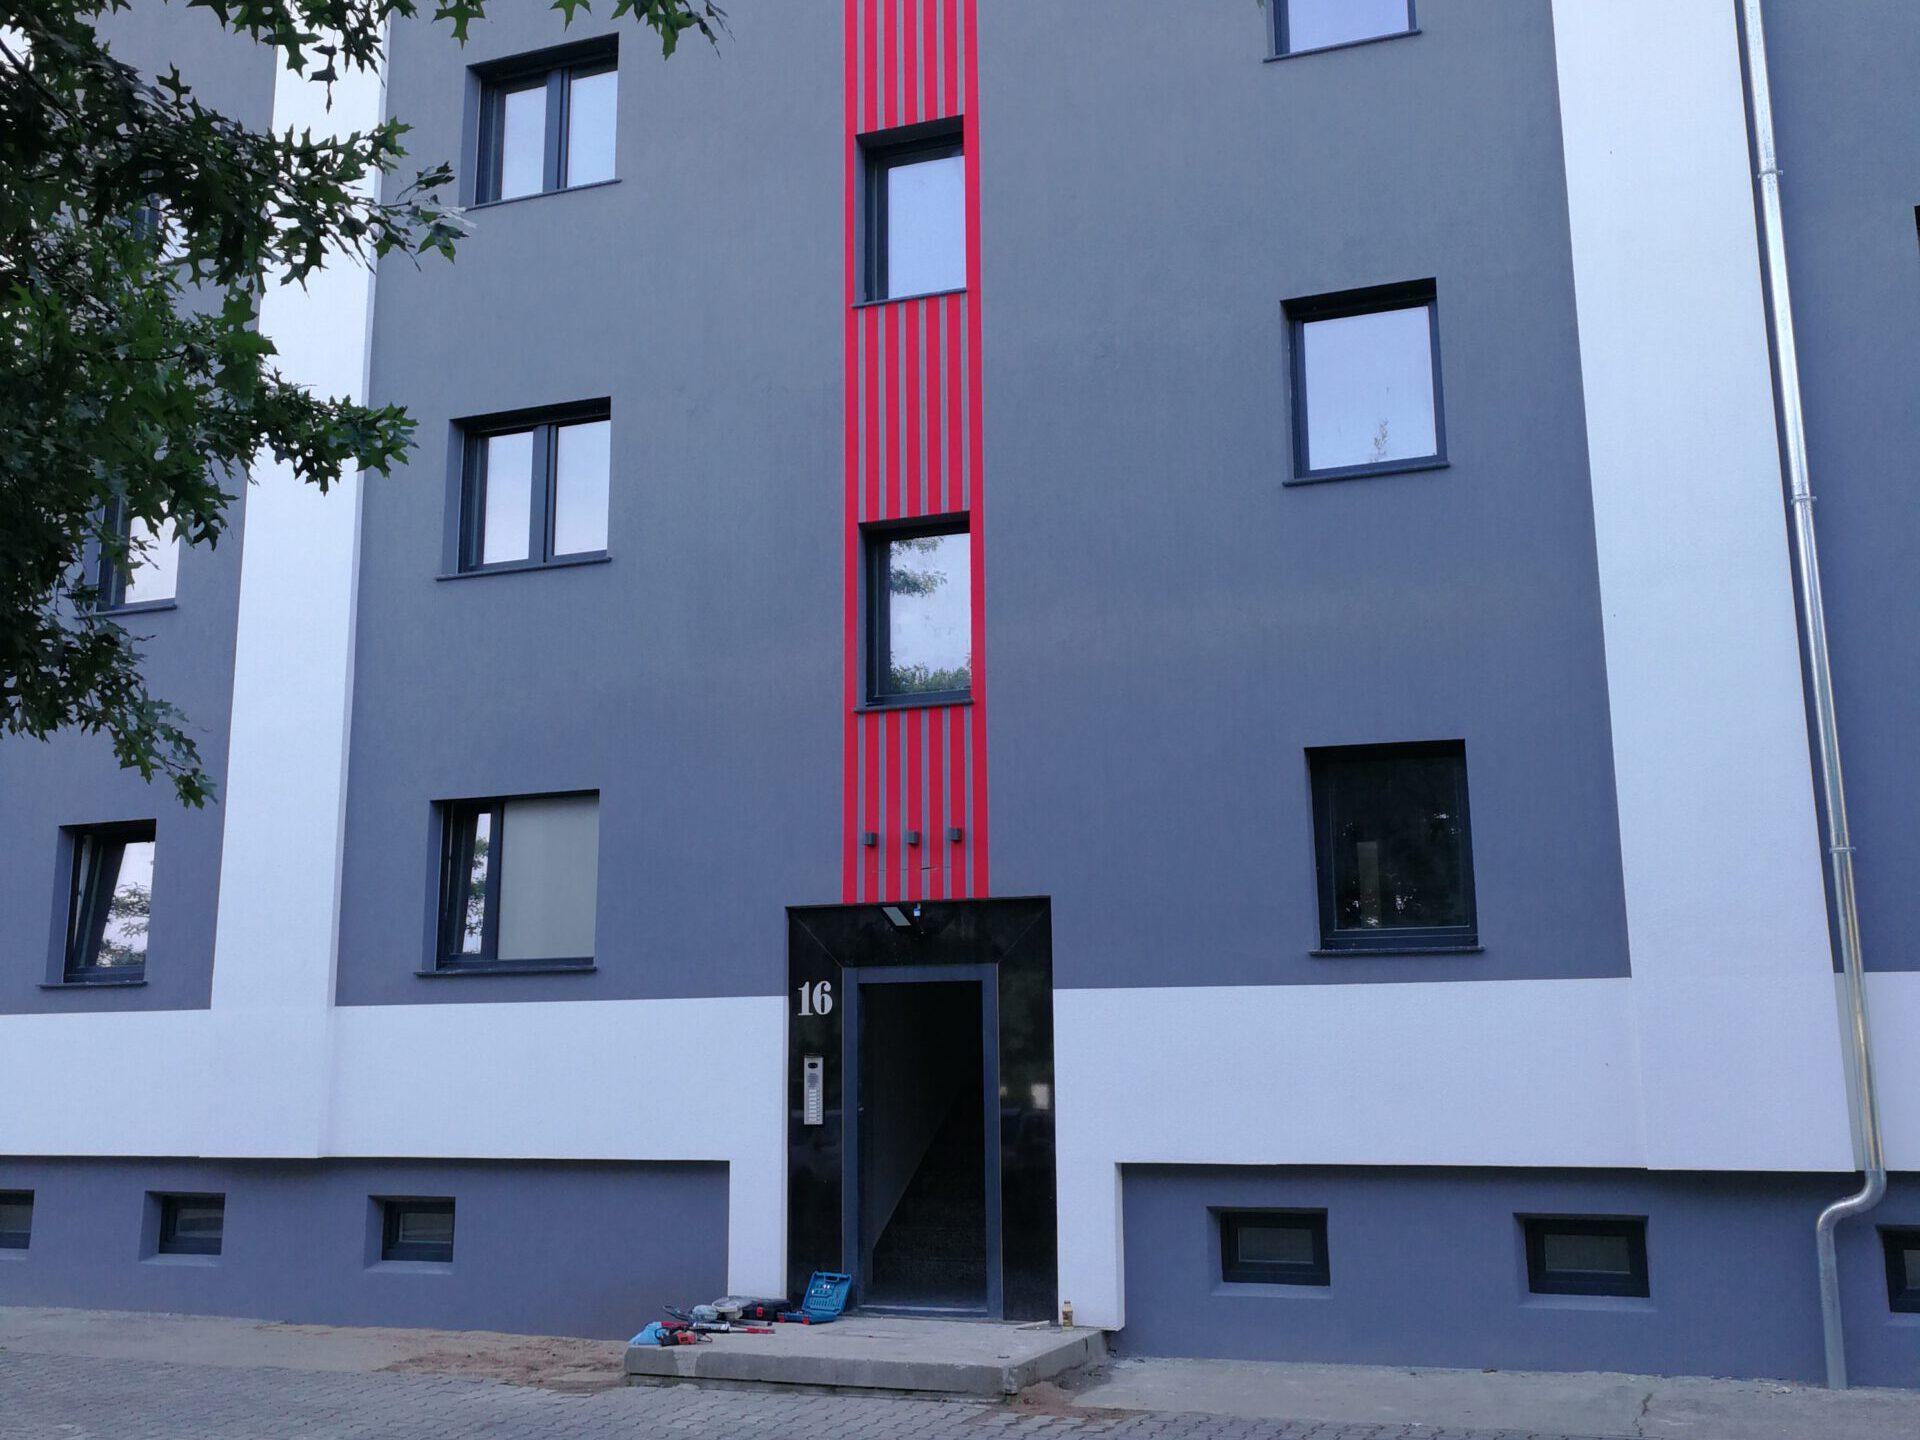 Modernisierte 4-Raum Wohnungen – barrierearm und mit Balkon in ländlicher Umgebung  Kopieren